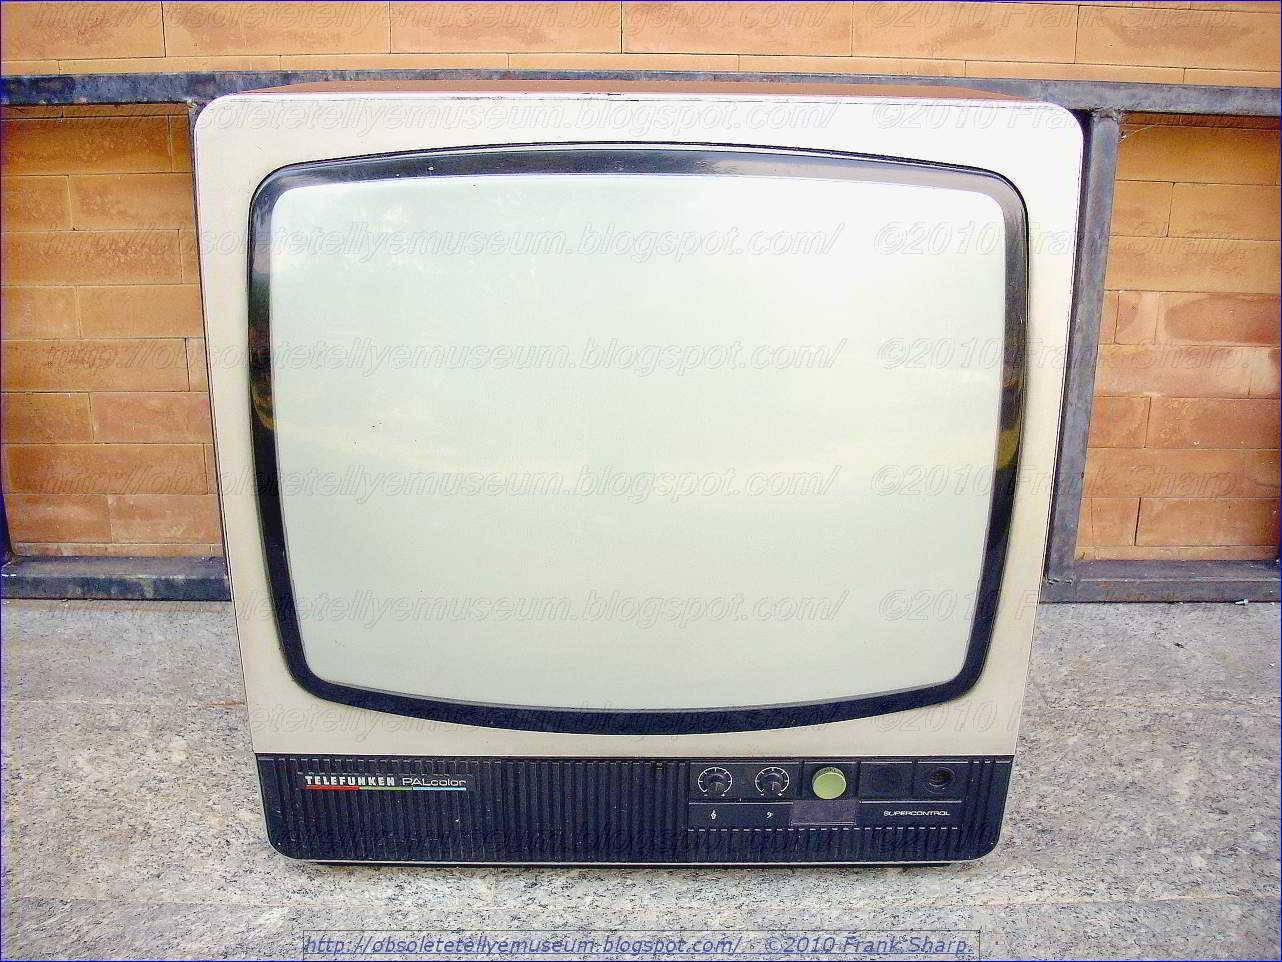 Obsolete Technology Tellye !: TELEFUNKEN PALCOLOR 6868 YEAR